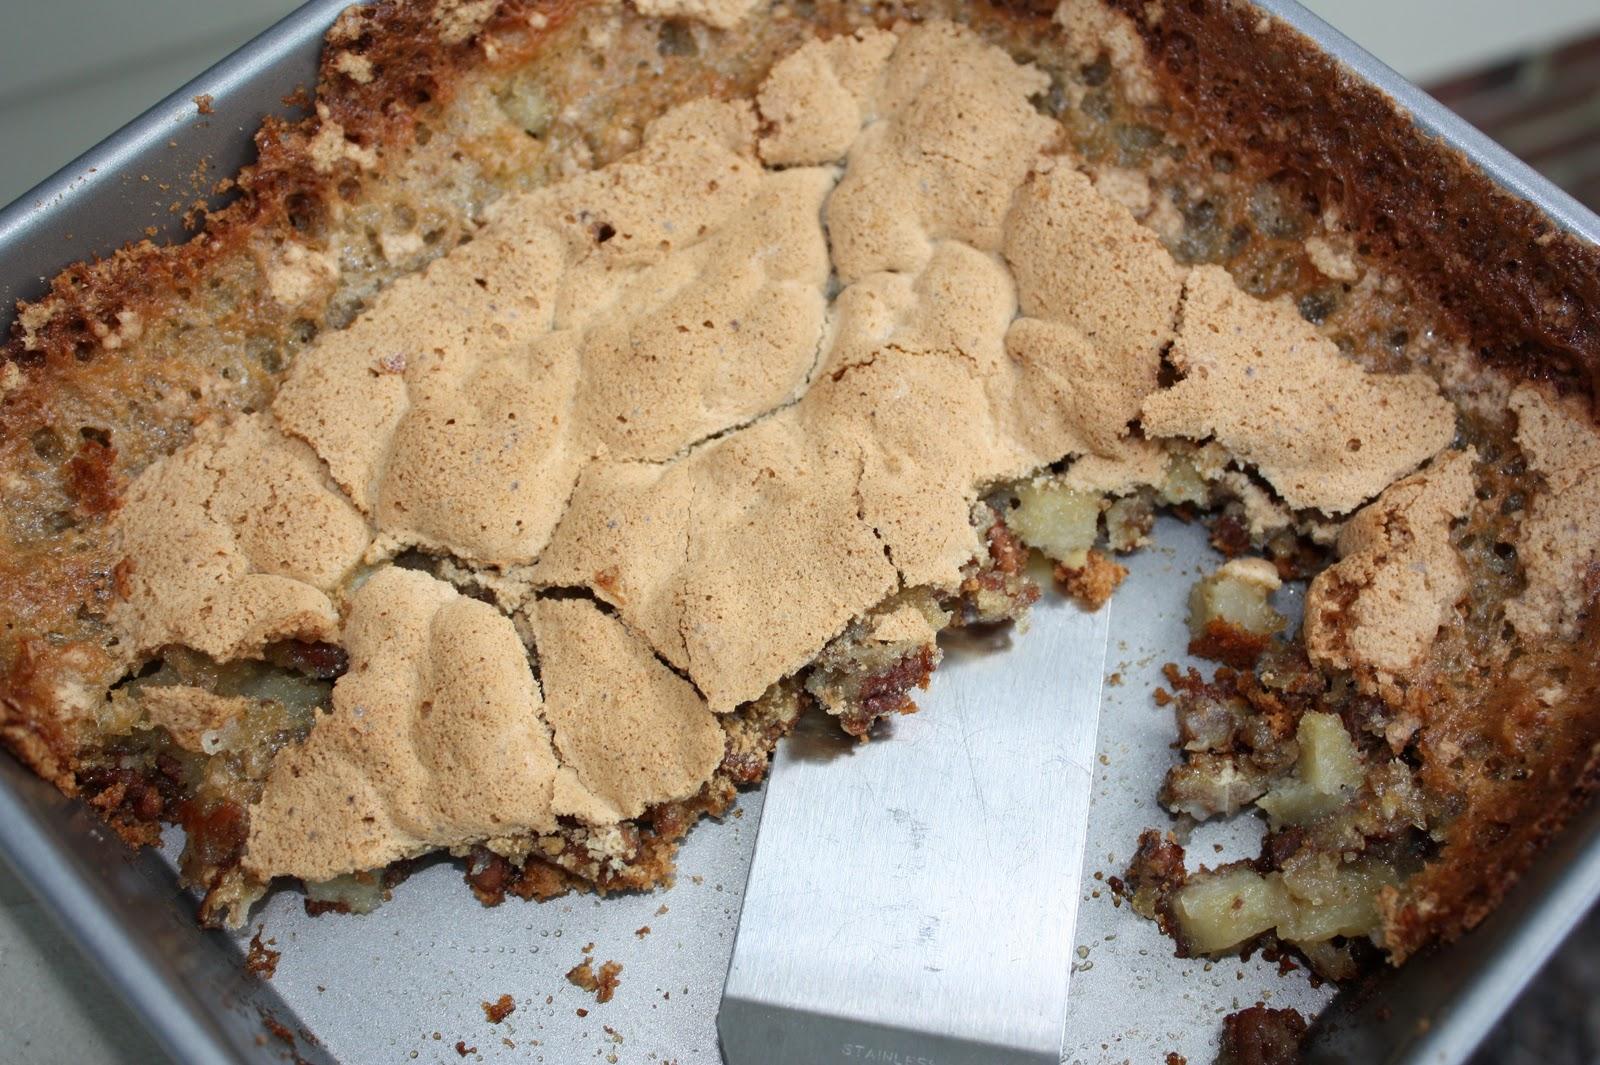 ... torte ginger apple torte chocolate ganache torte linzer blitz torte